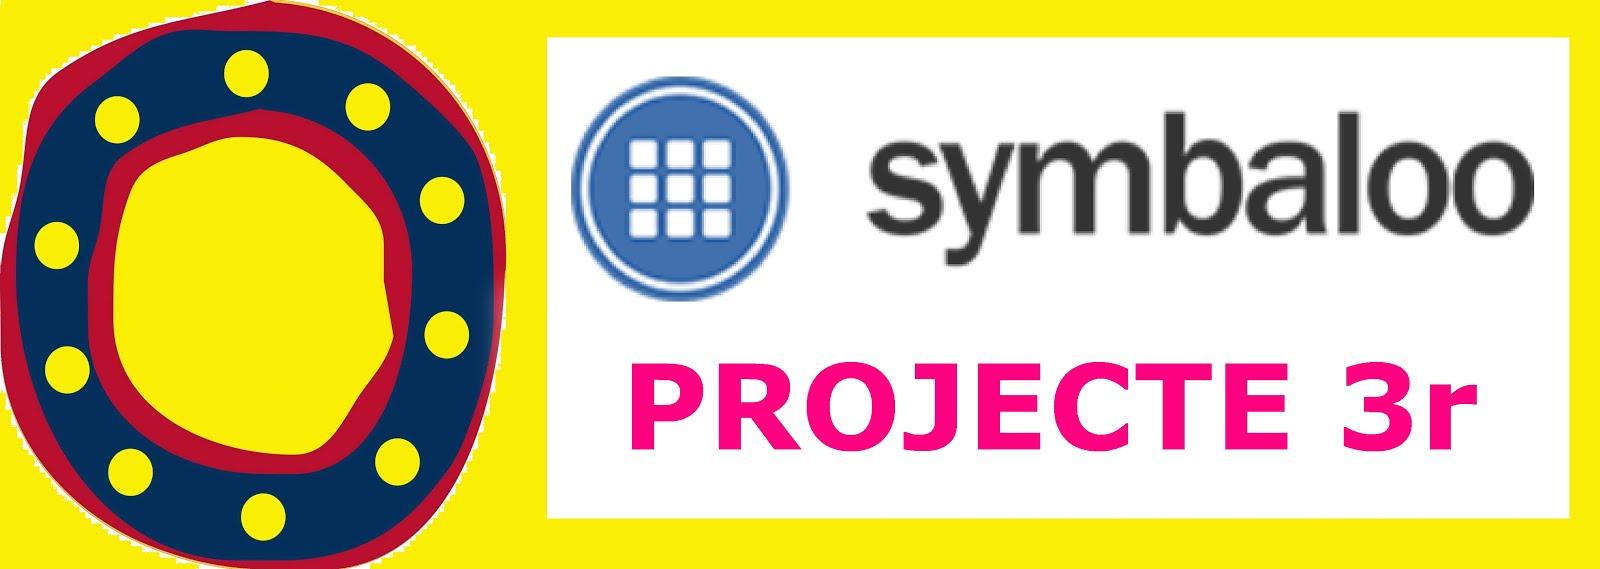 SYMBALOO 3r